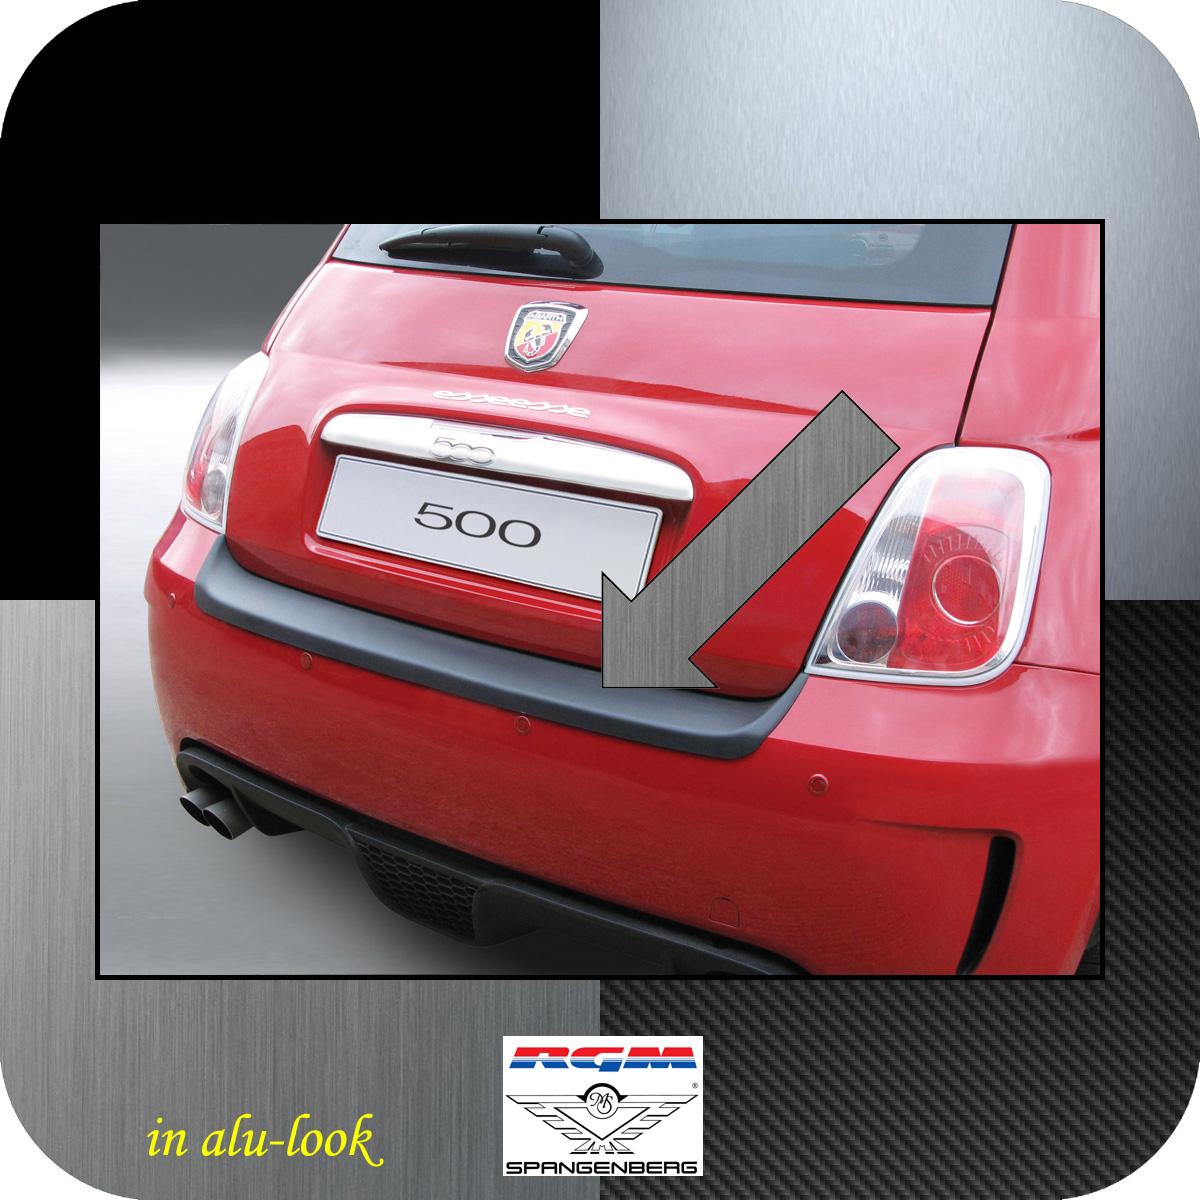 Ladekantenschutz Alu-Look Fiat 500 Version Abarth bis Baujahr 2016 3504476